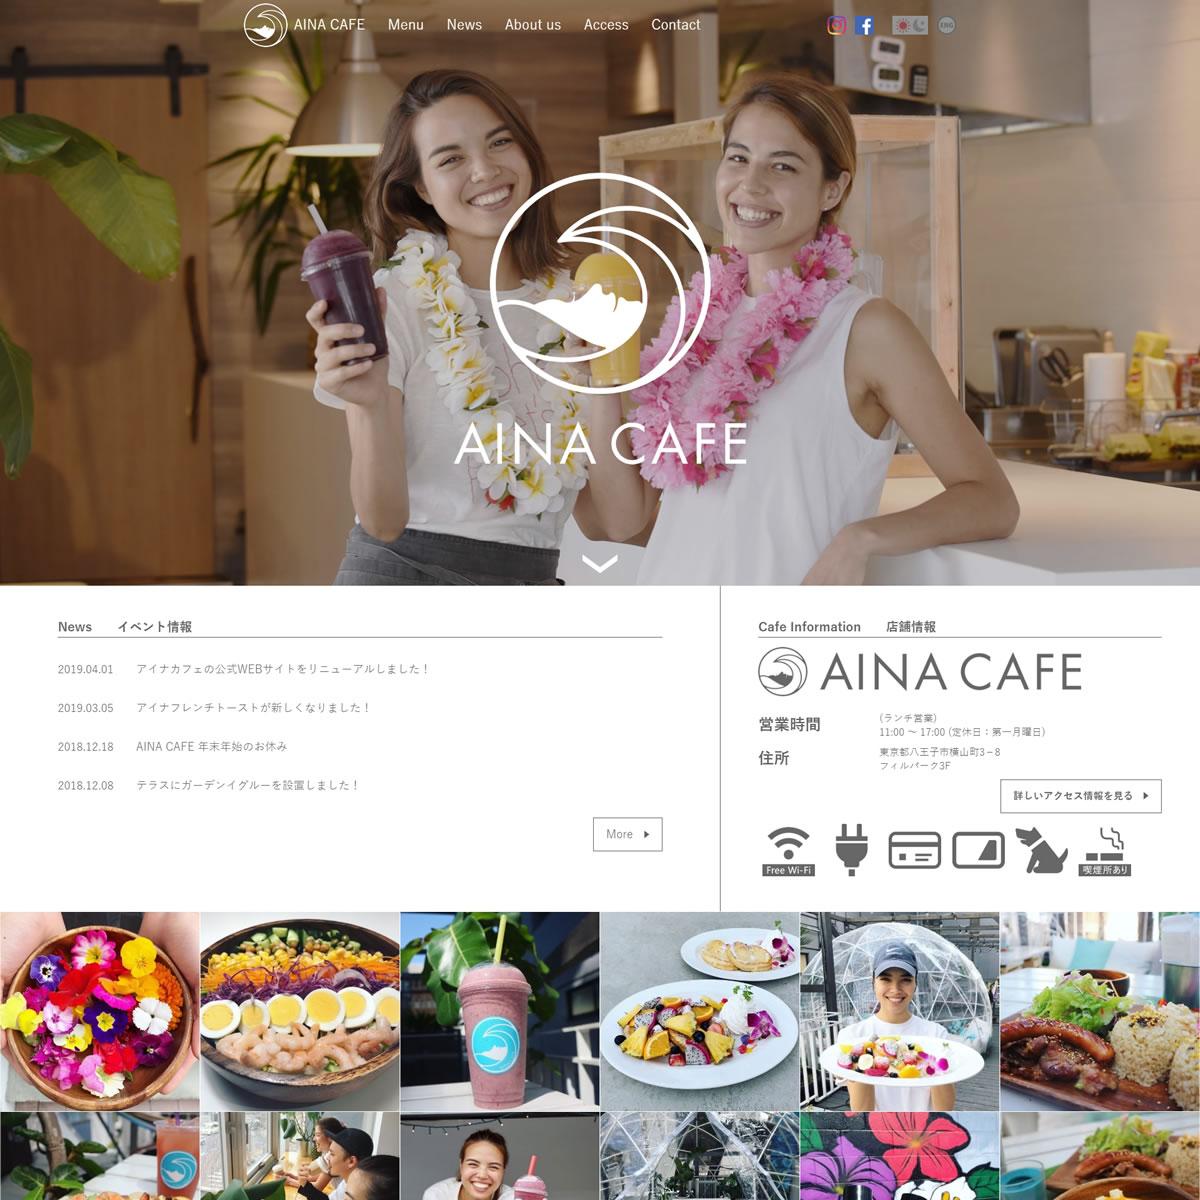 アイナカフェの新しい公式サイト